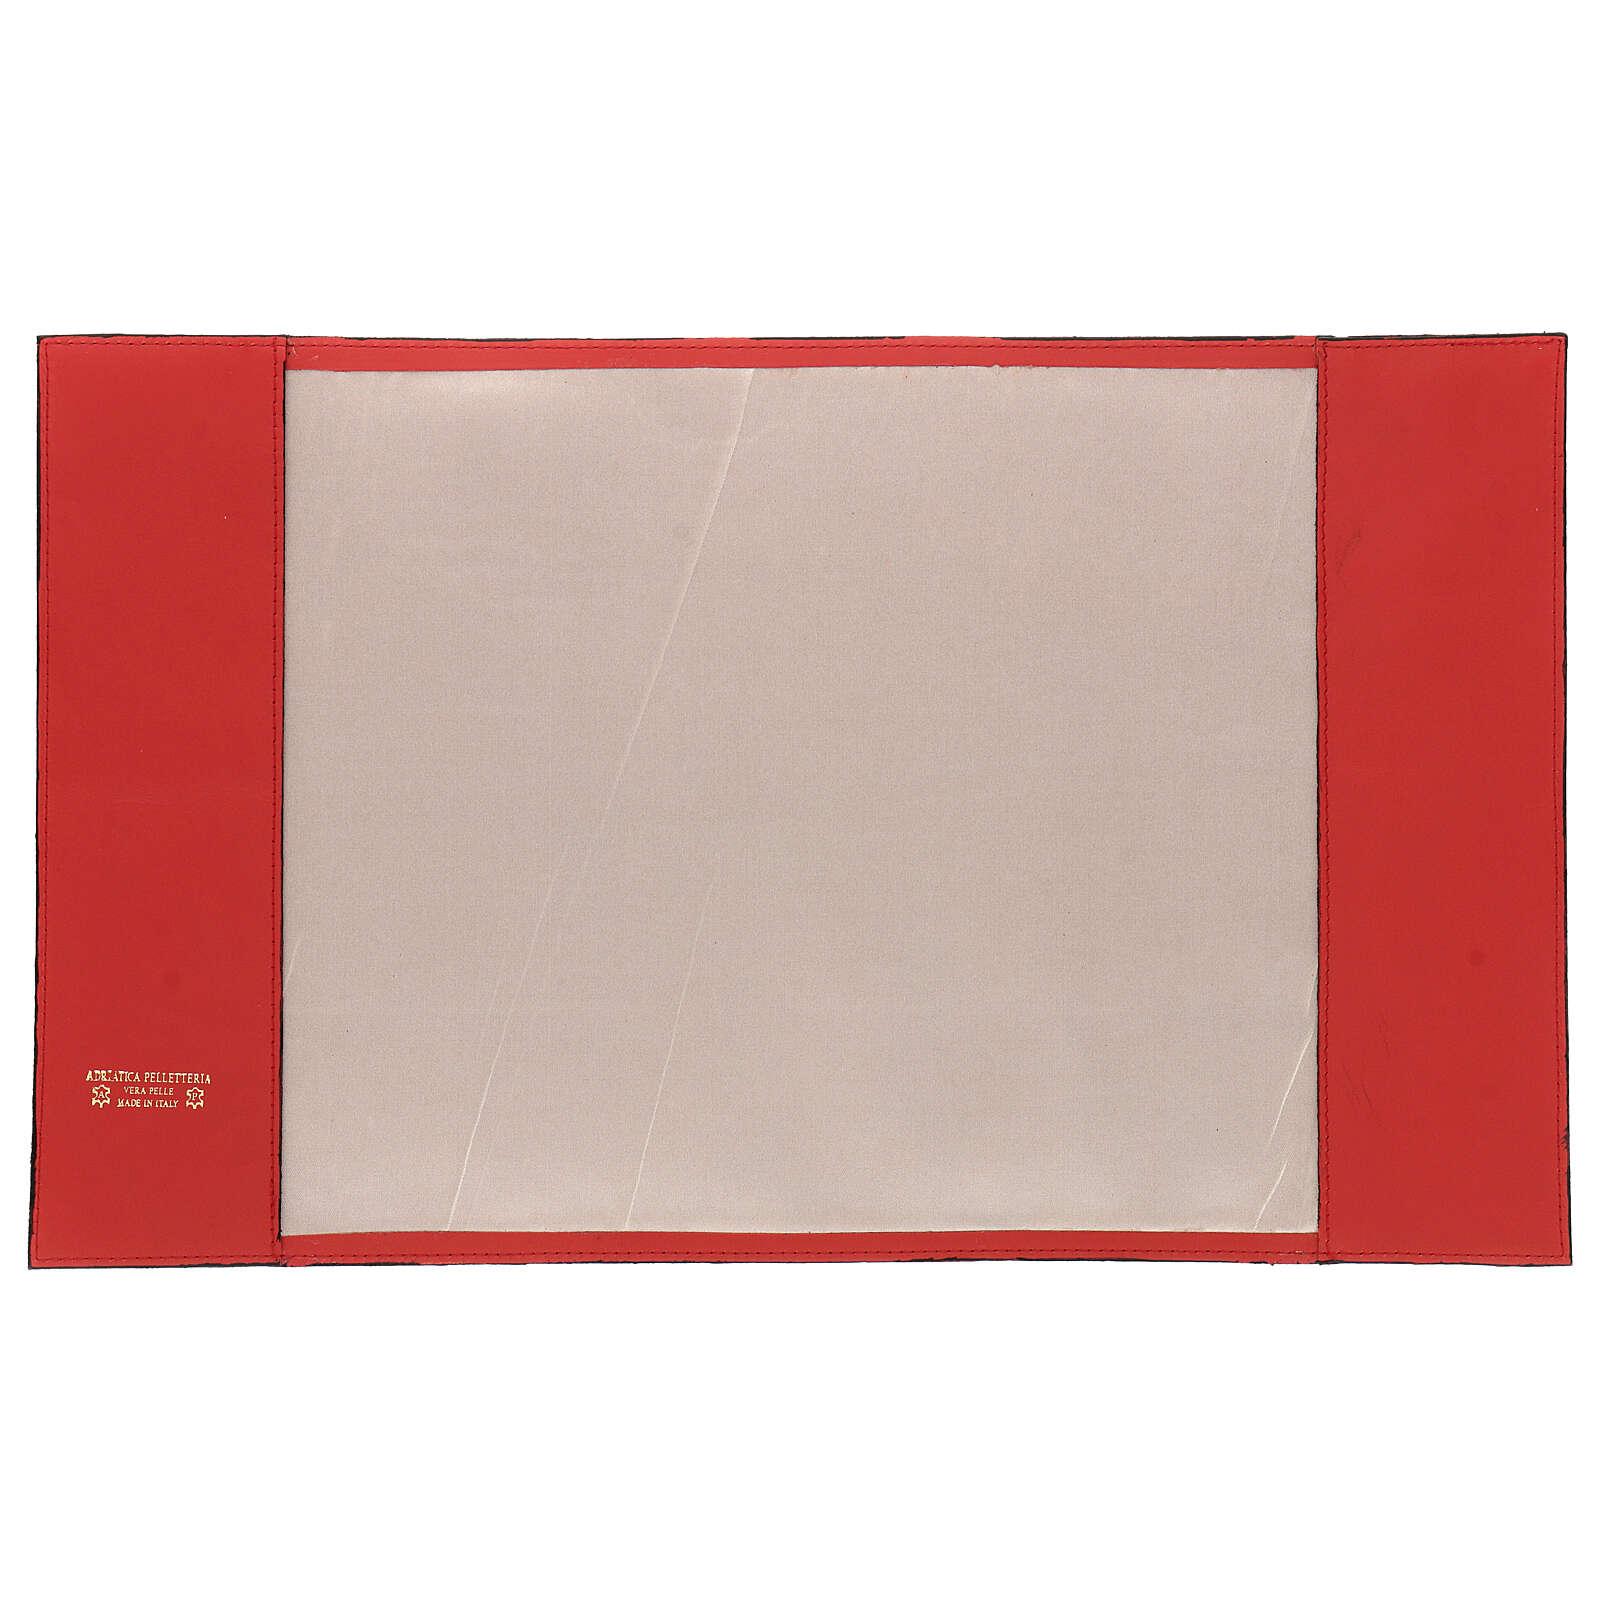 Copertina rossa vera pelle Messale III edizione 4